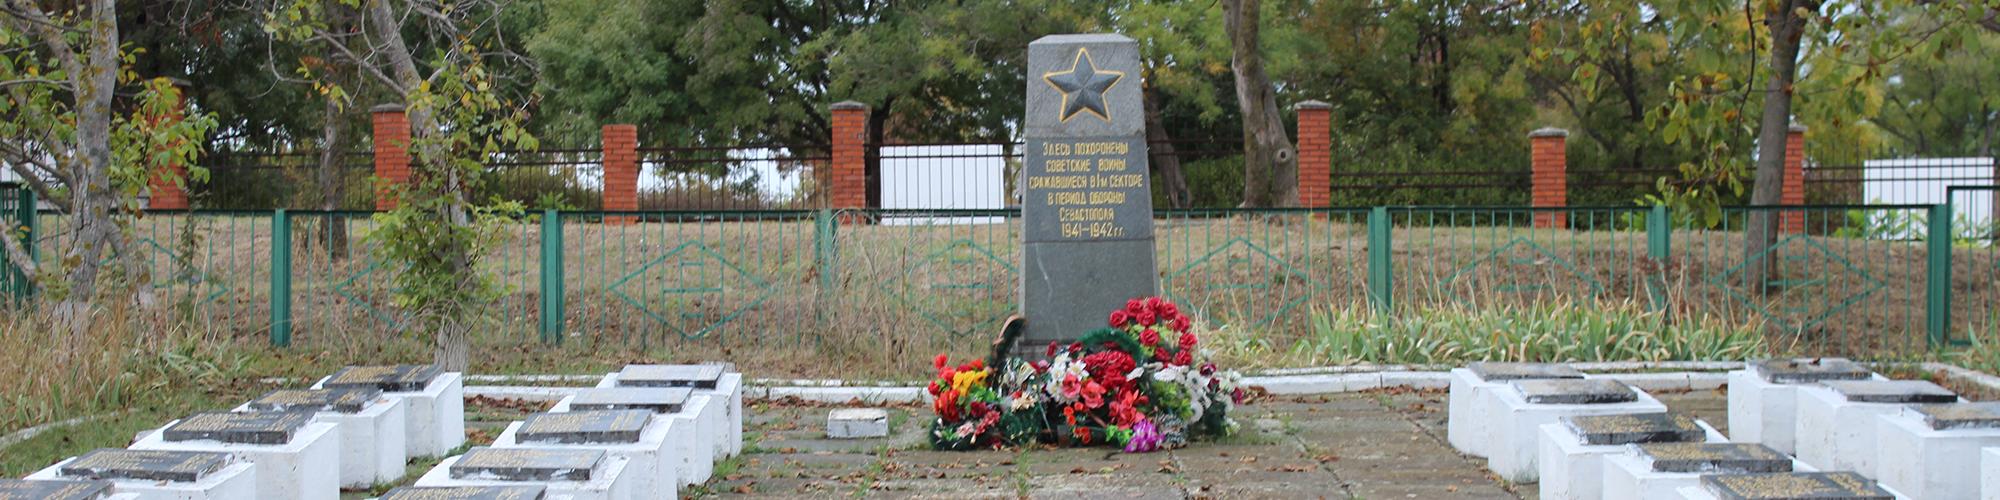 Братская могила 1 сектор обороны, 1941-42 (Севастополь)